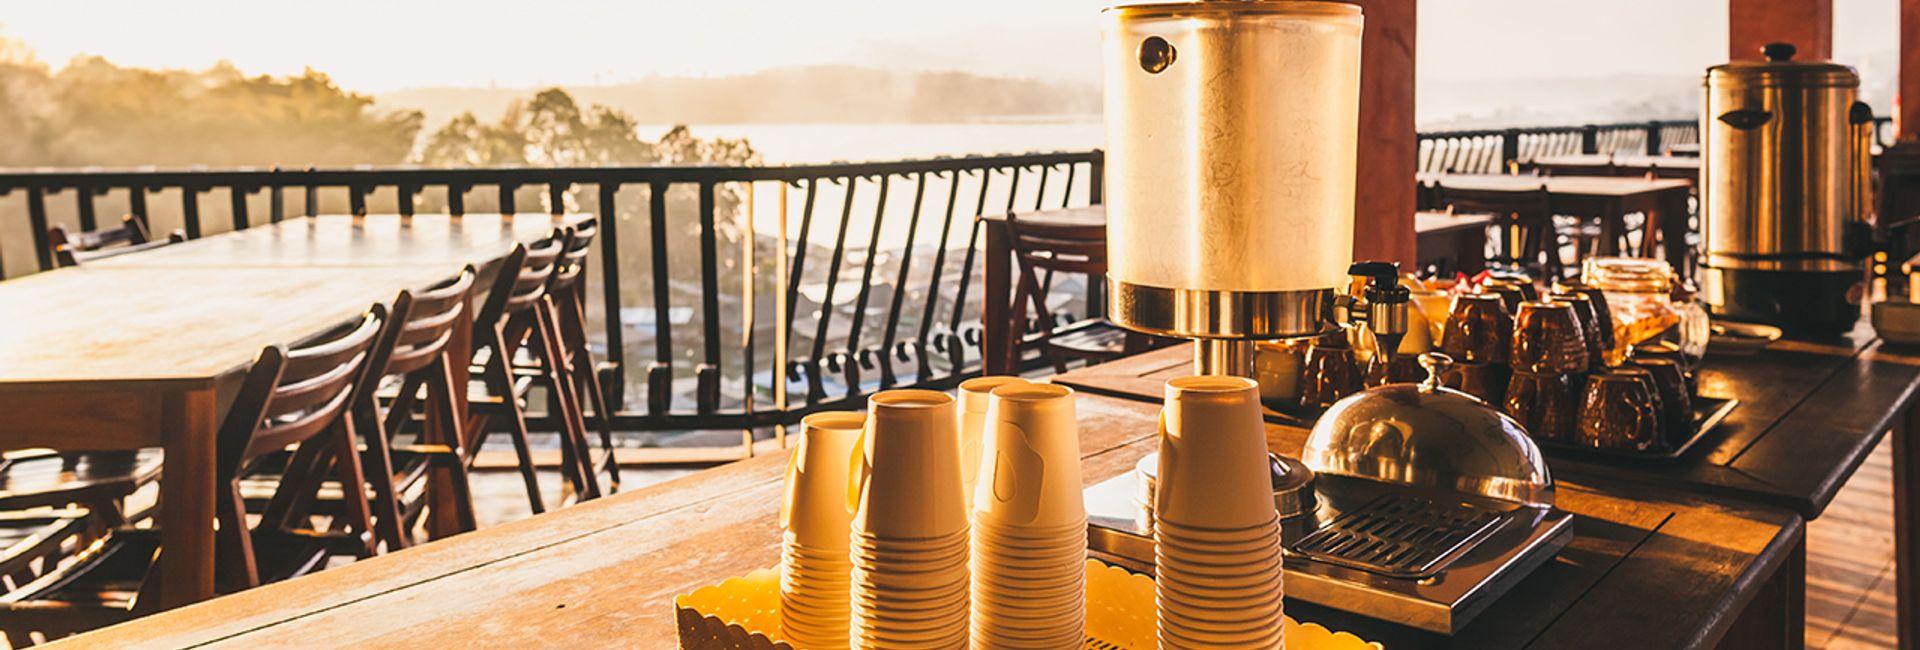 Top 10 điểm ăn sáng ngon ở Chiang Mai, Thái Lan